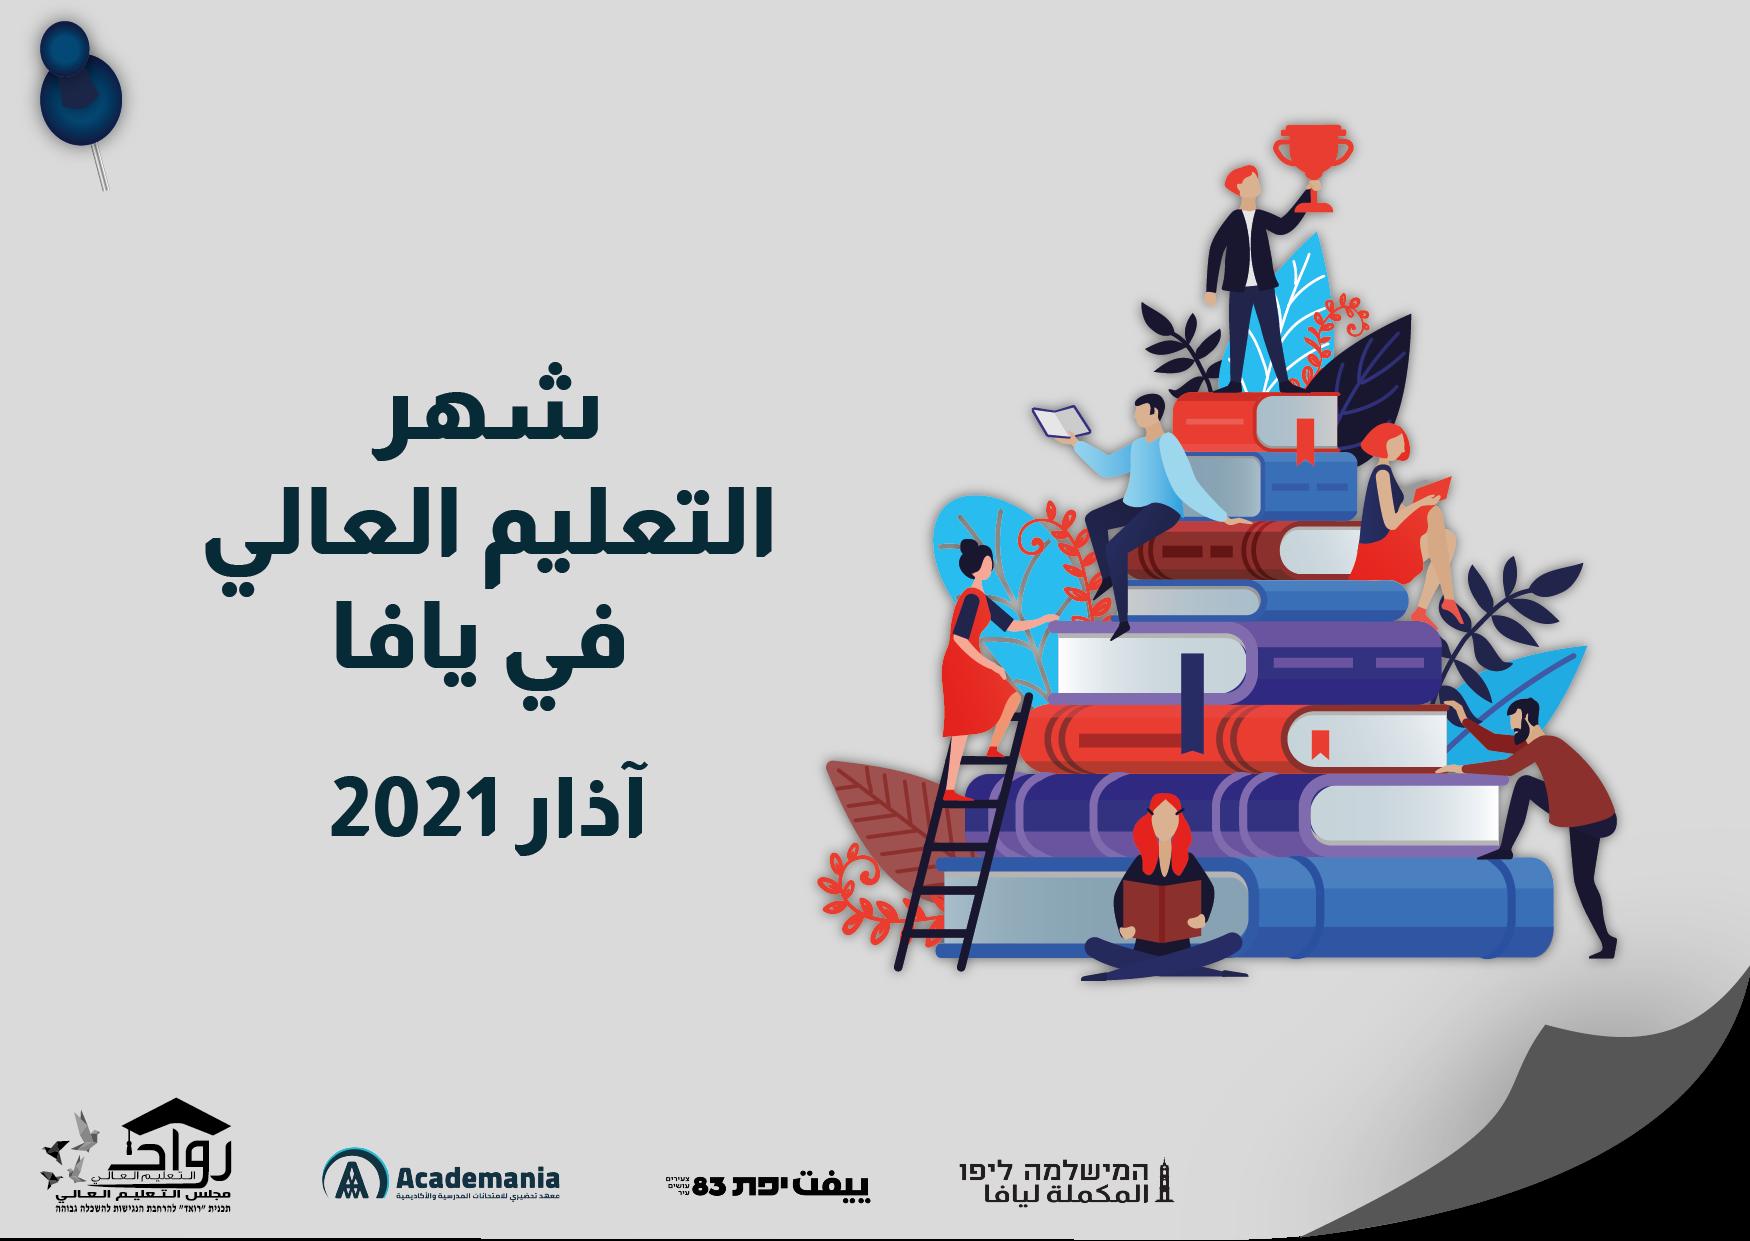 فيديو: شهر التعليم العالي في يافا